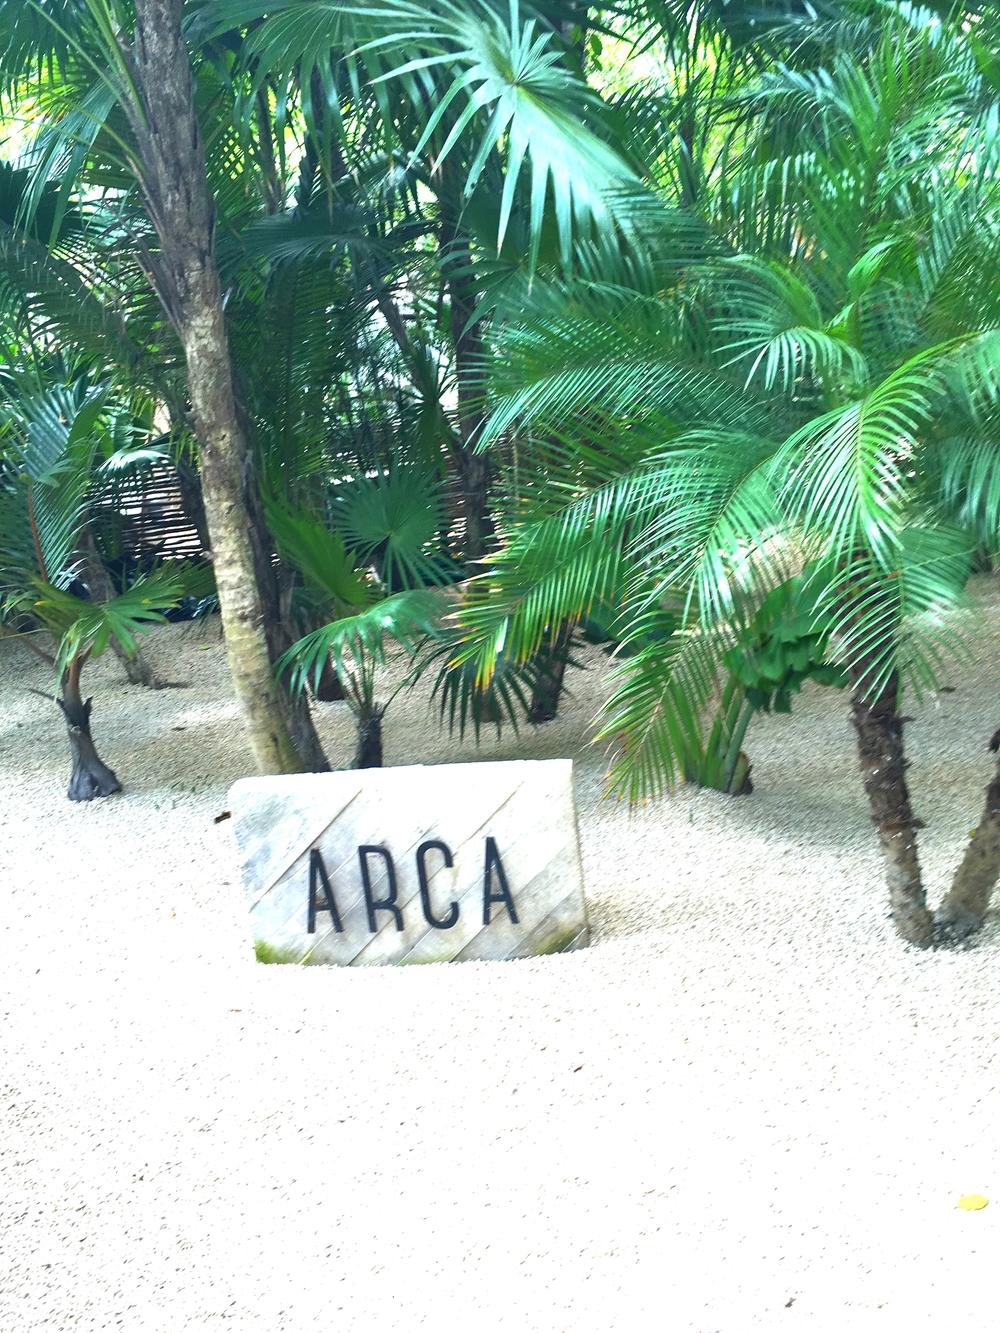 Entrance to Arca